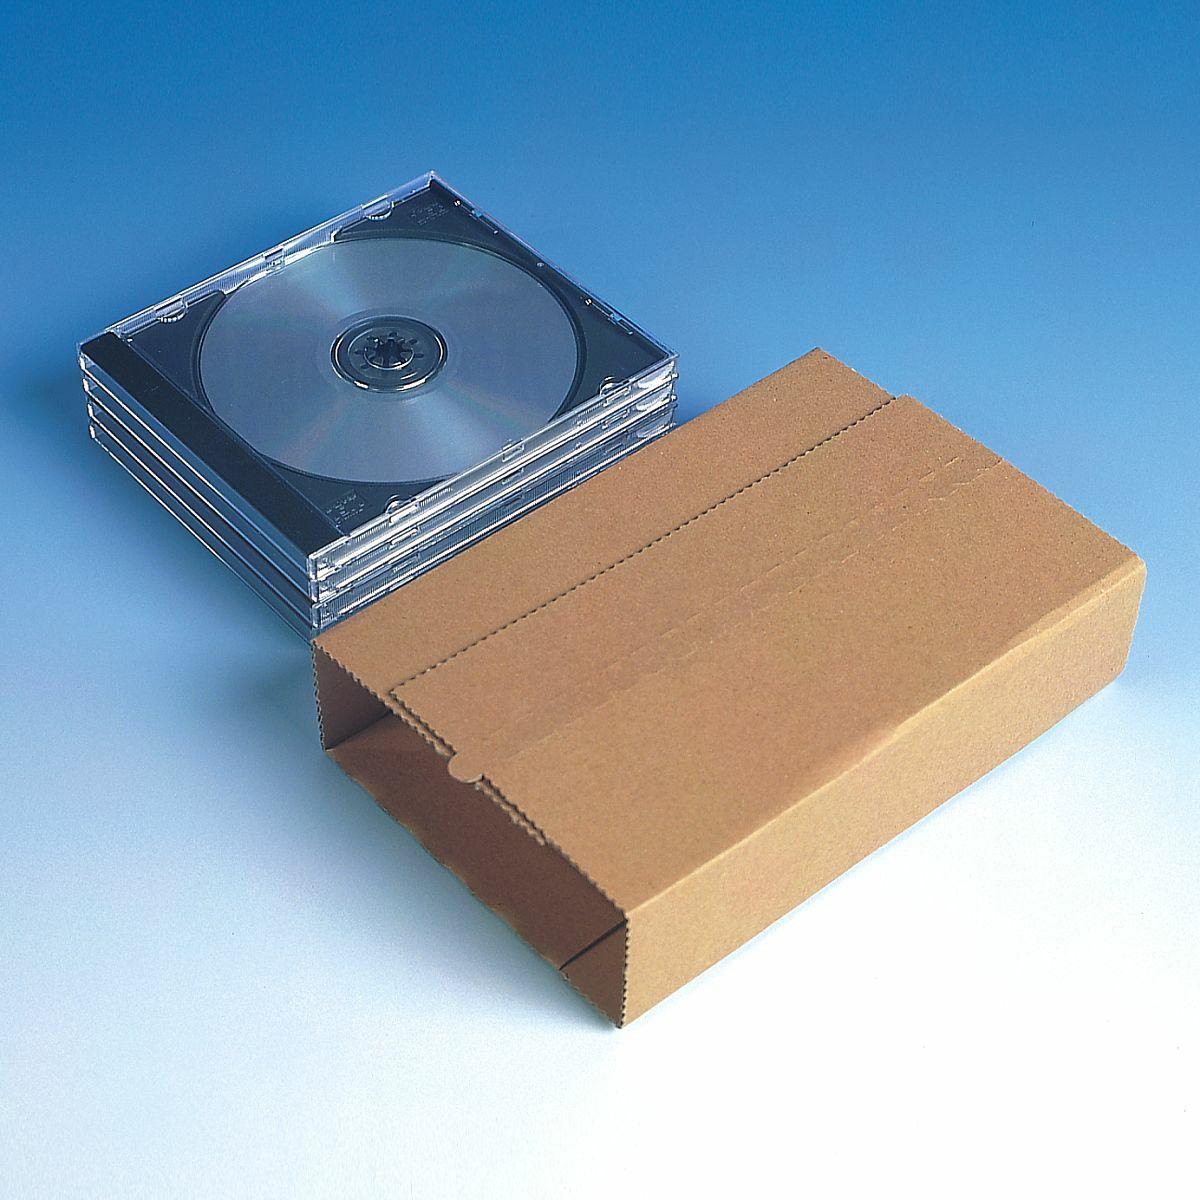 variocd 2 6 f r 2 6 cd clickbox world of boxes aufbewahrungsboxen aus kunststoff kaufen. Black Bedroom Furniture Sets. Home Design Ideas